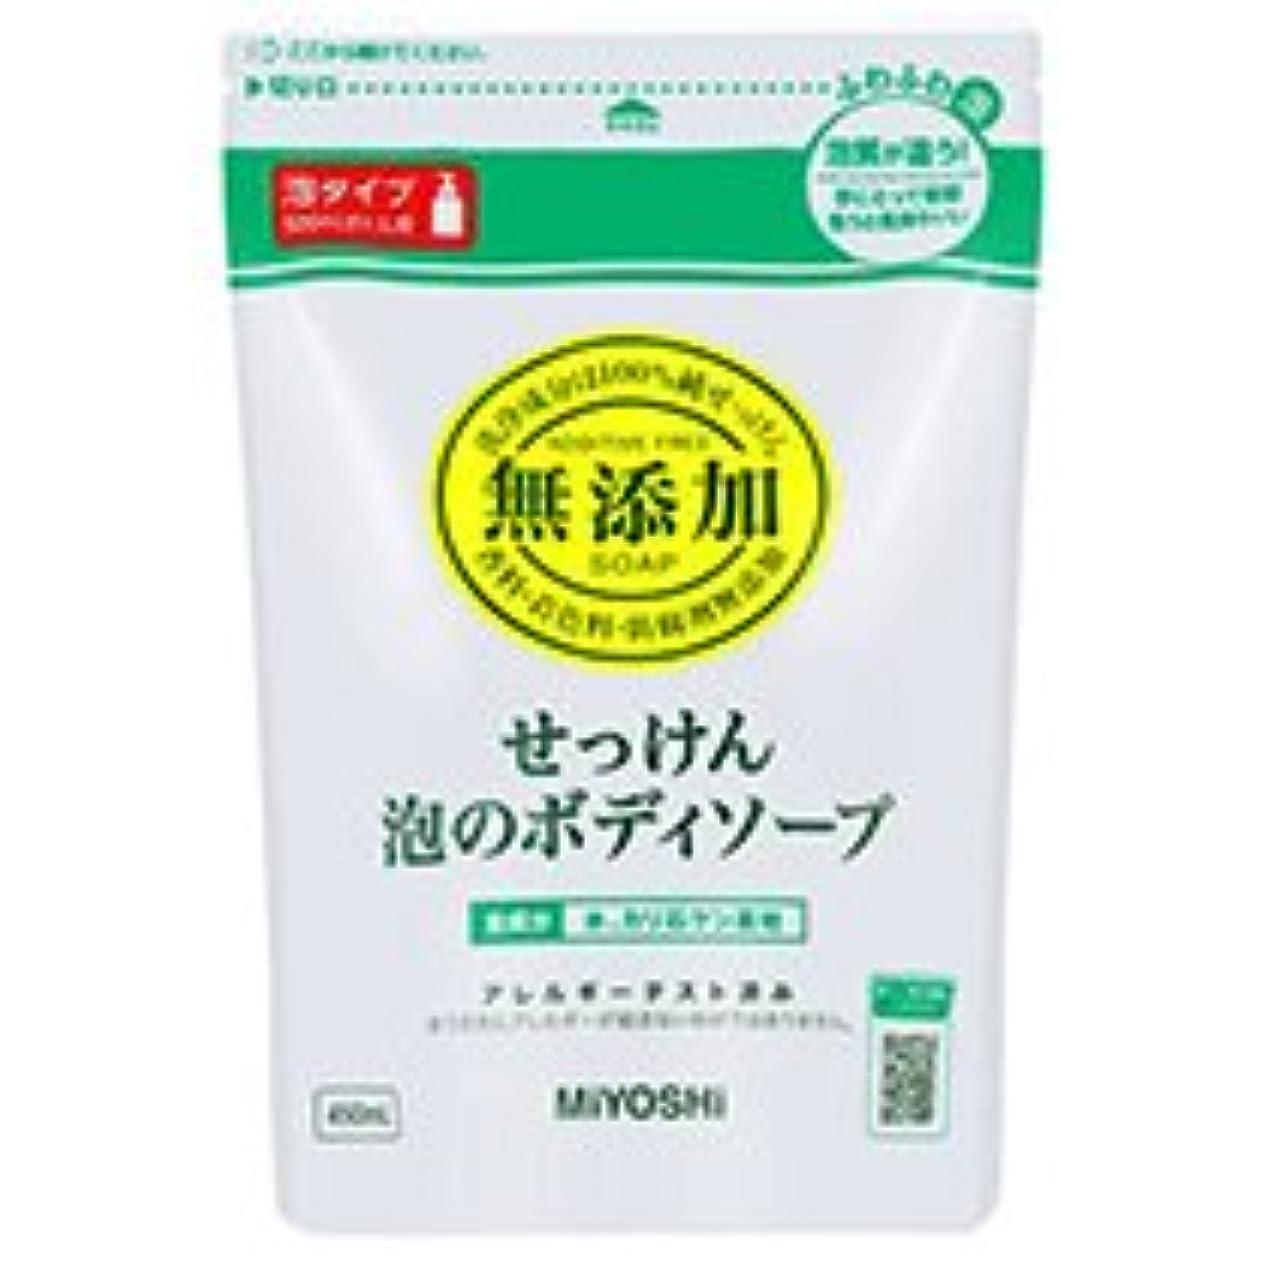 ごみ抵抗威信ミヨシ石鹸 無添加せっけん 泡のボディソープ 詰替用 450ml 1個